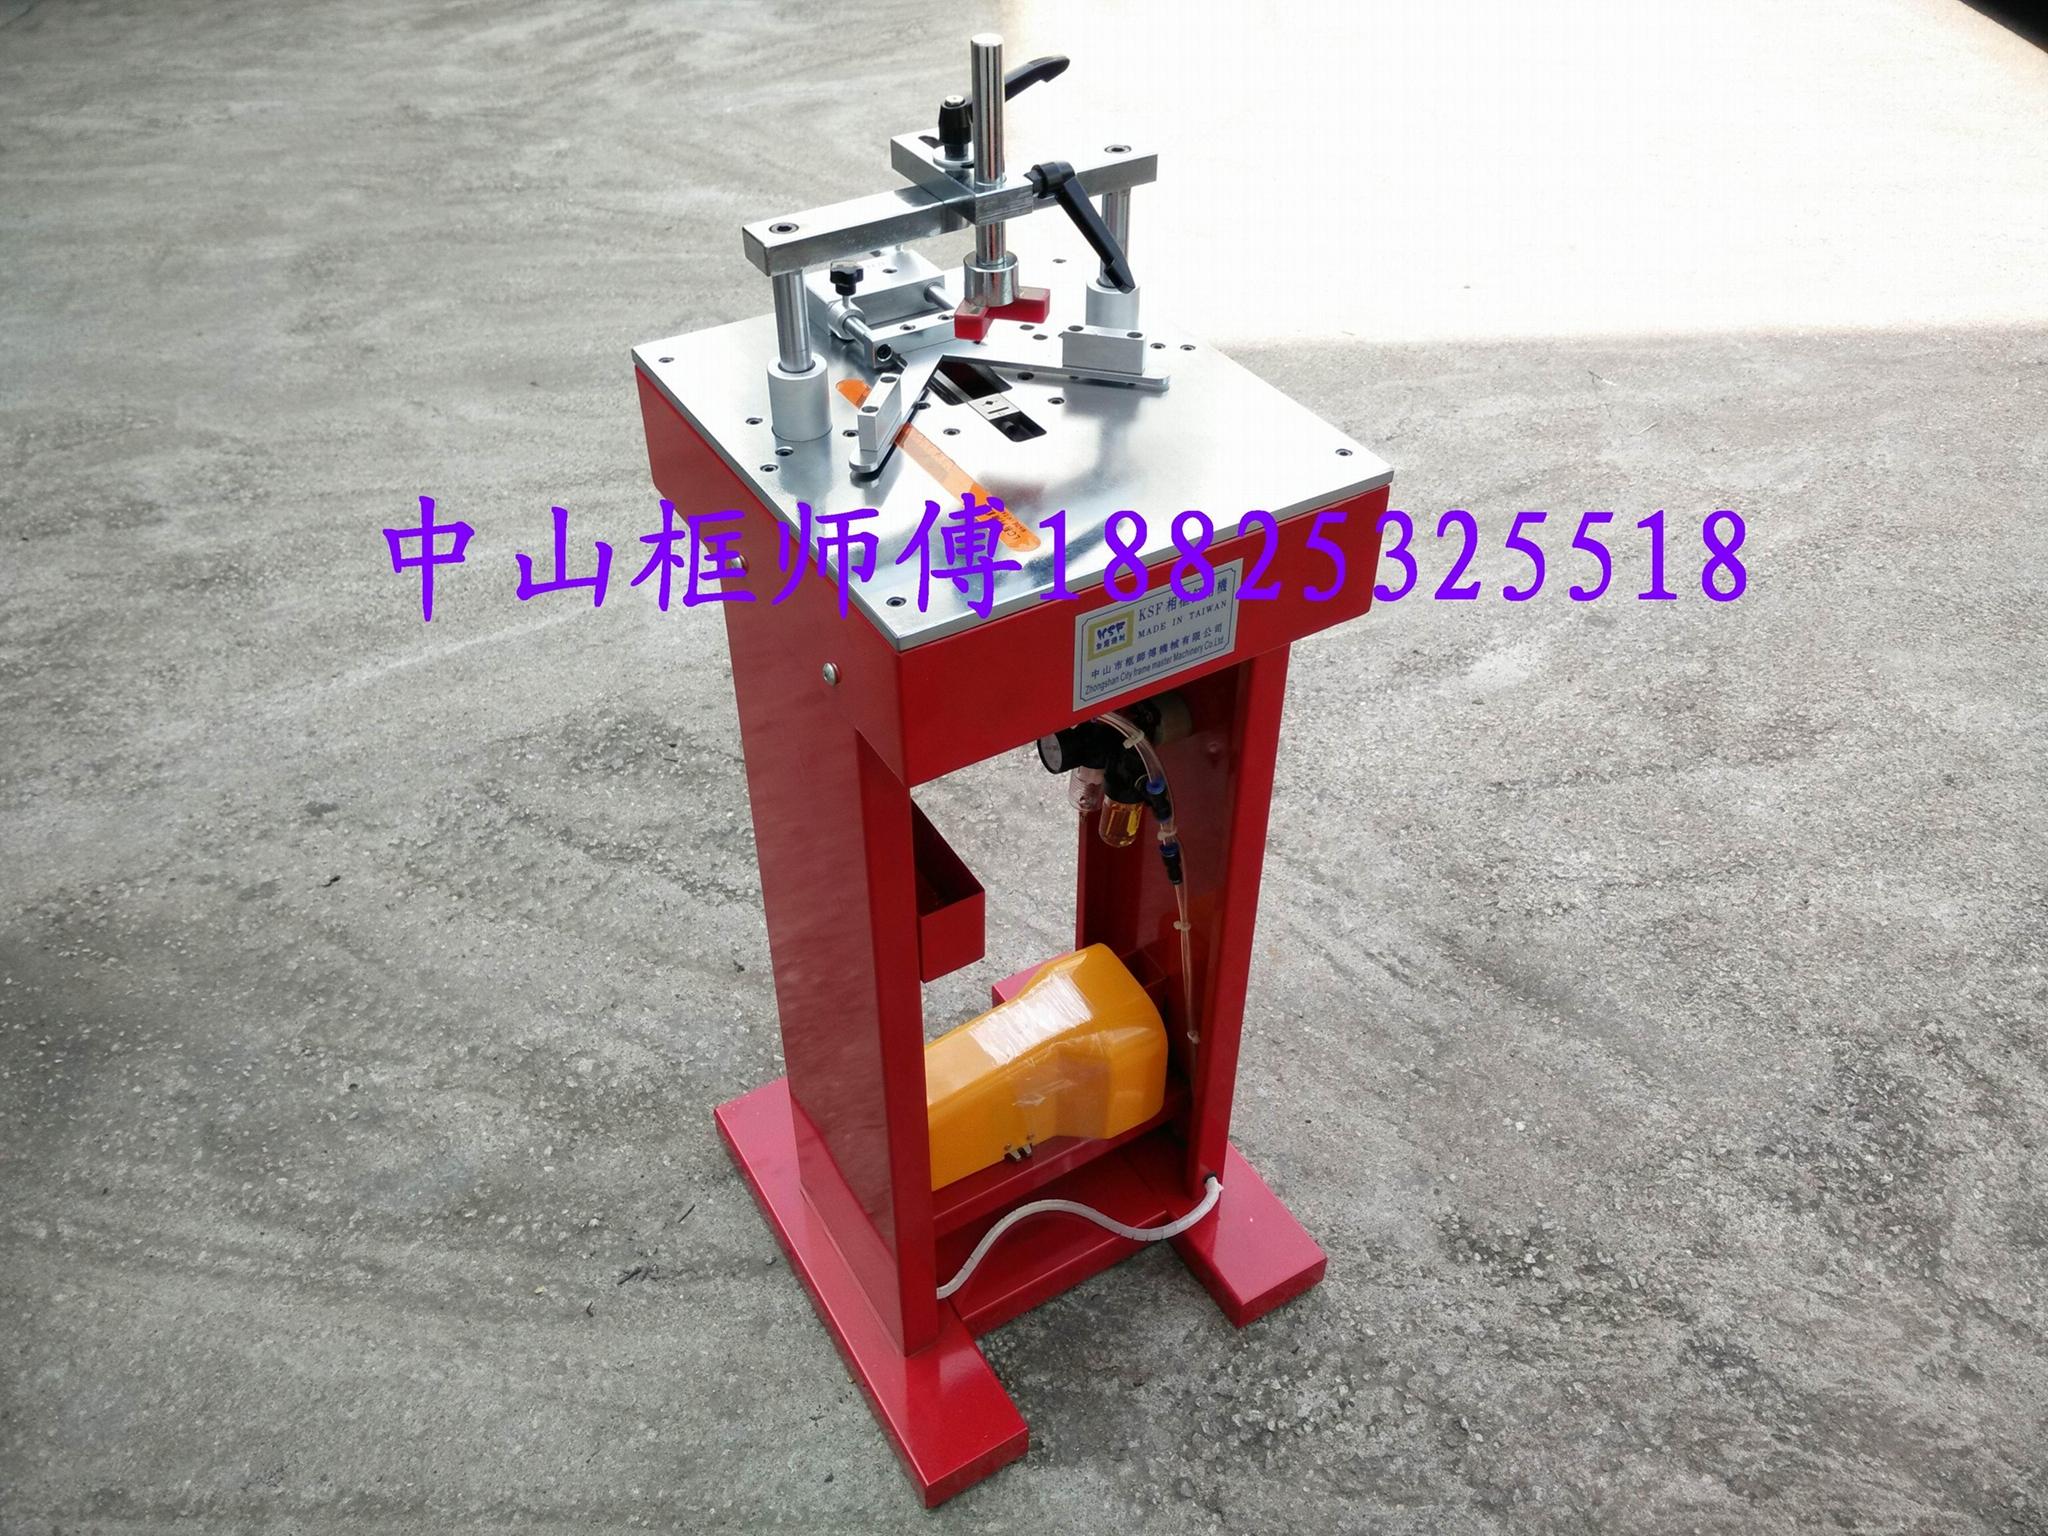 供應北京上海山東河南相框畫框KSF-P2型氣動訂角機 1